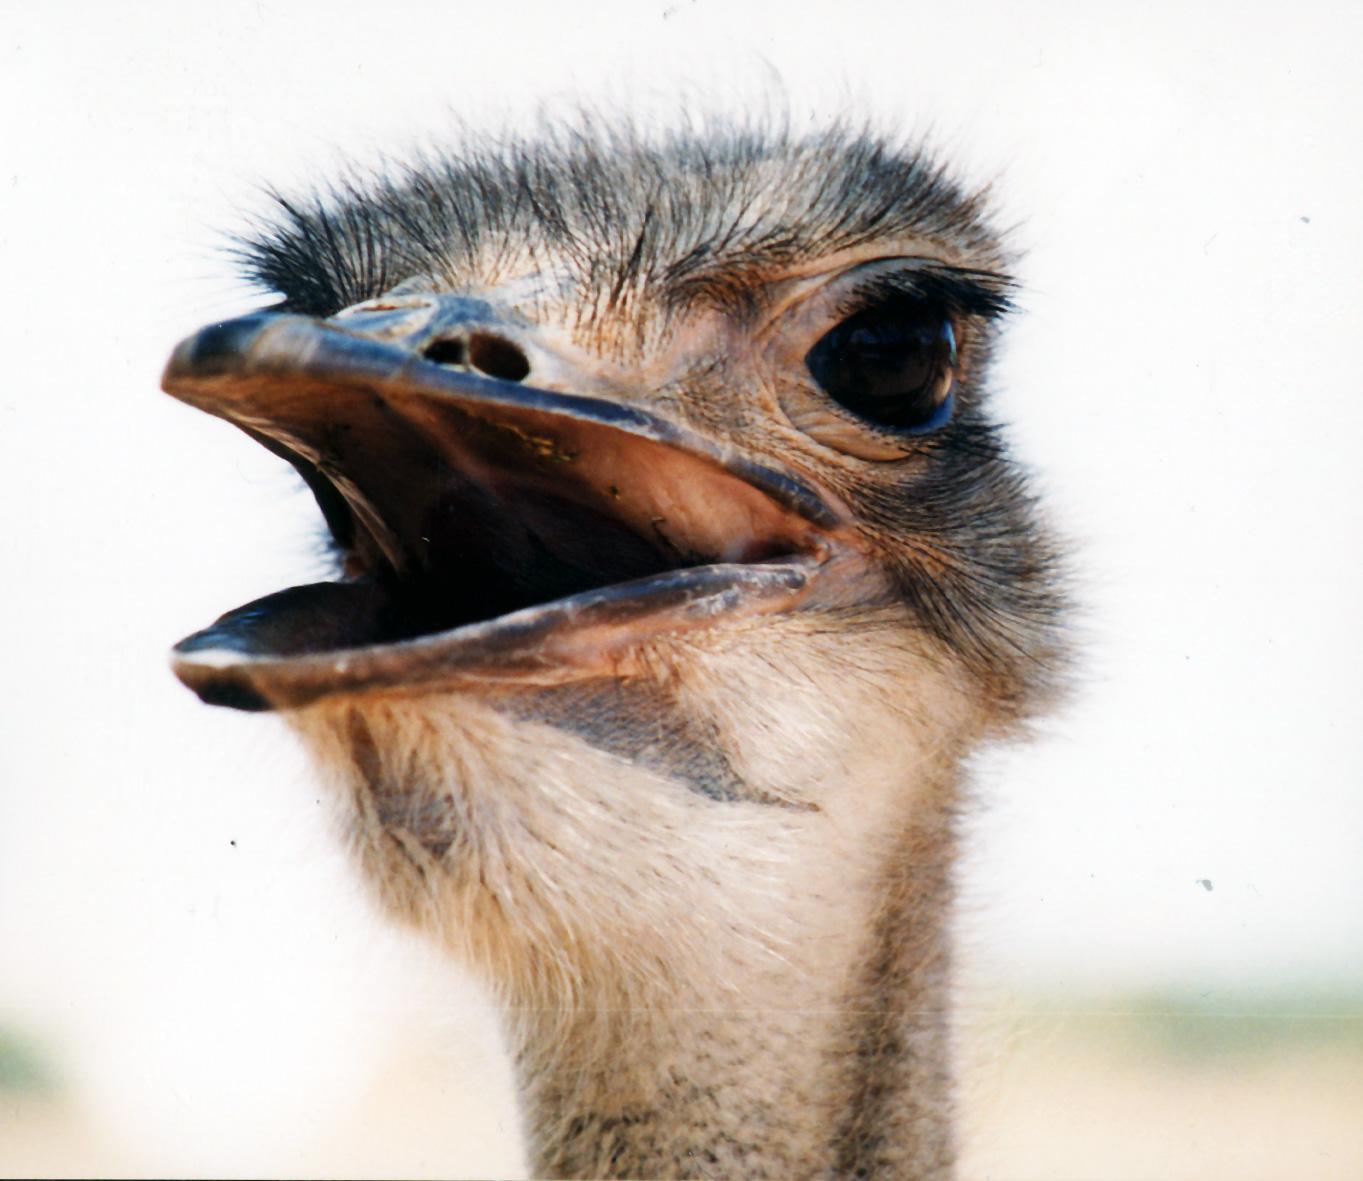 El avestruz no esconde la cabeza, como pensamos. Foto: Stefan Vogt.